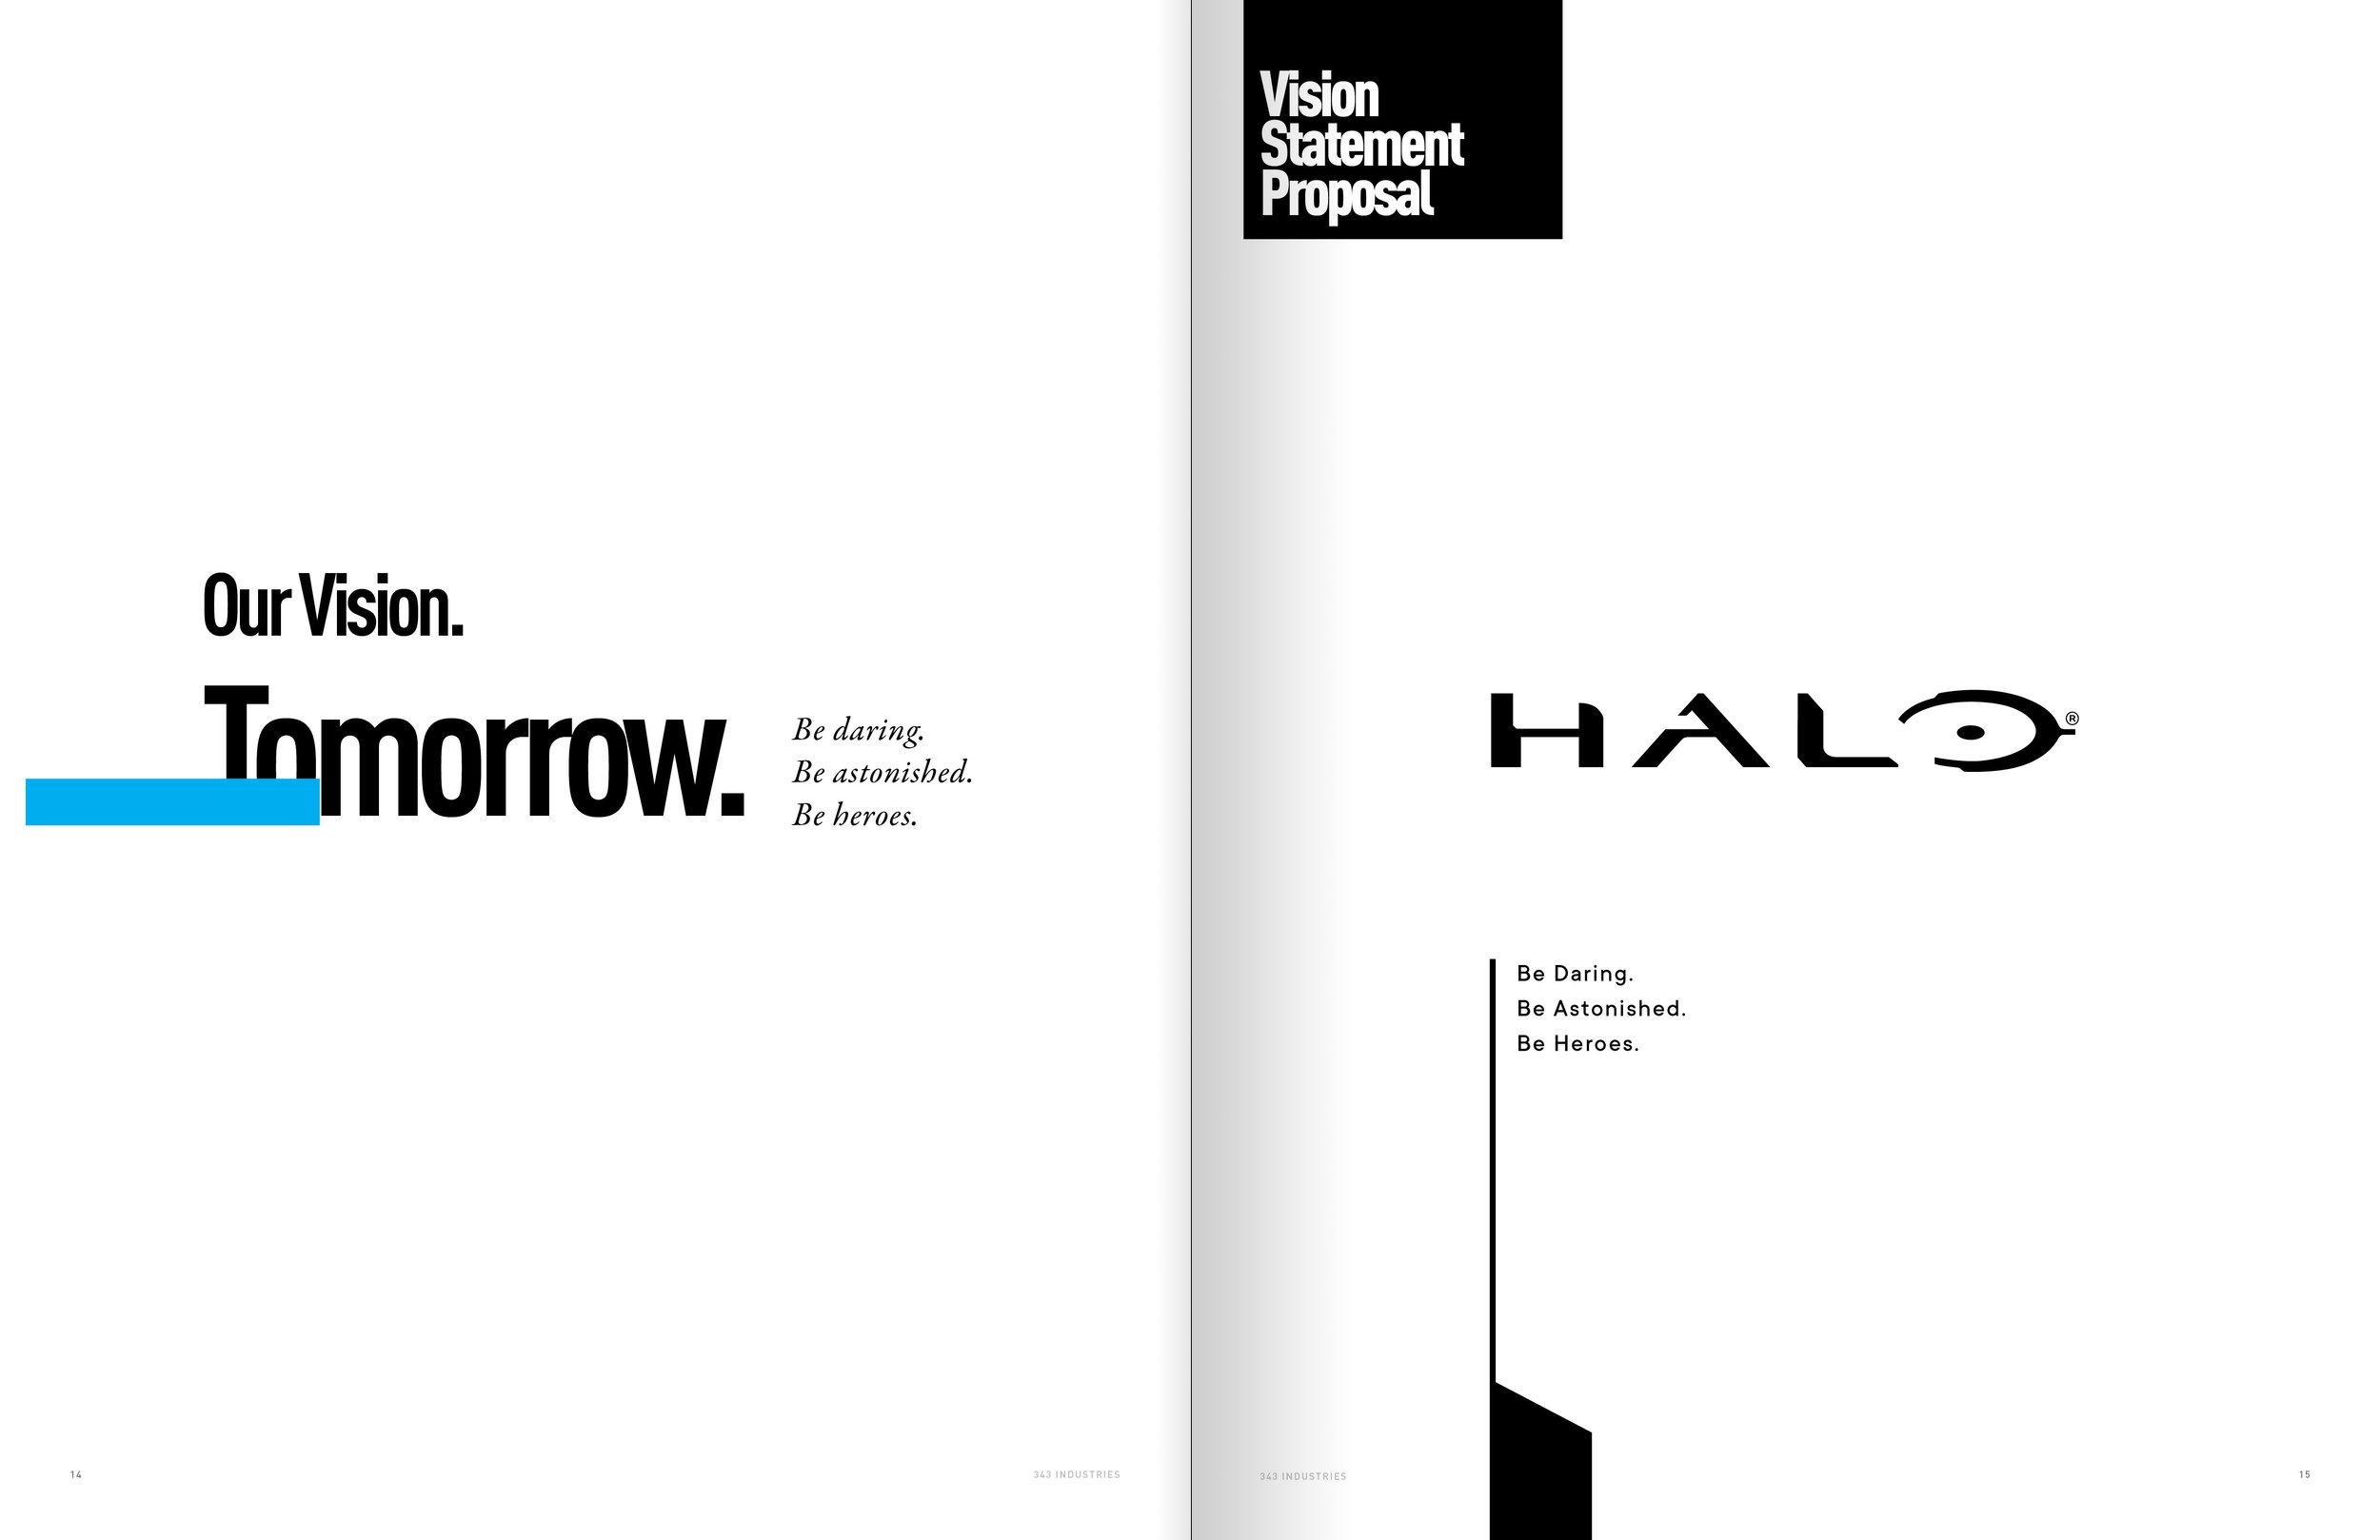 Halo_Reinvention_Book_8.jpg